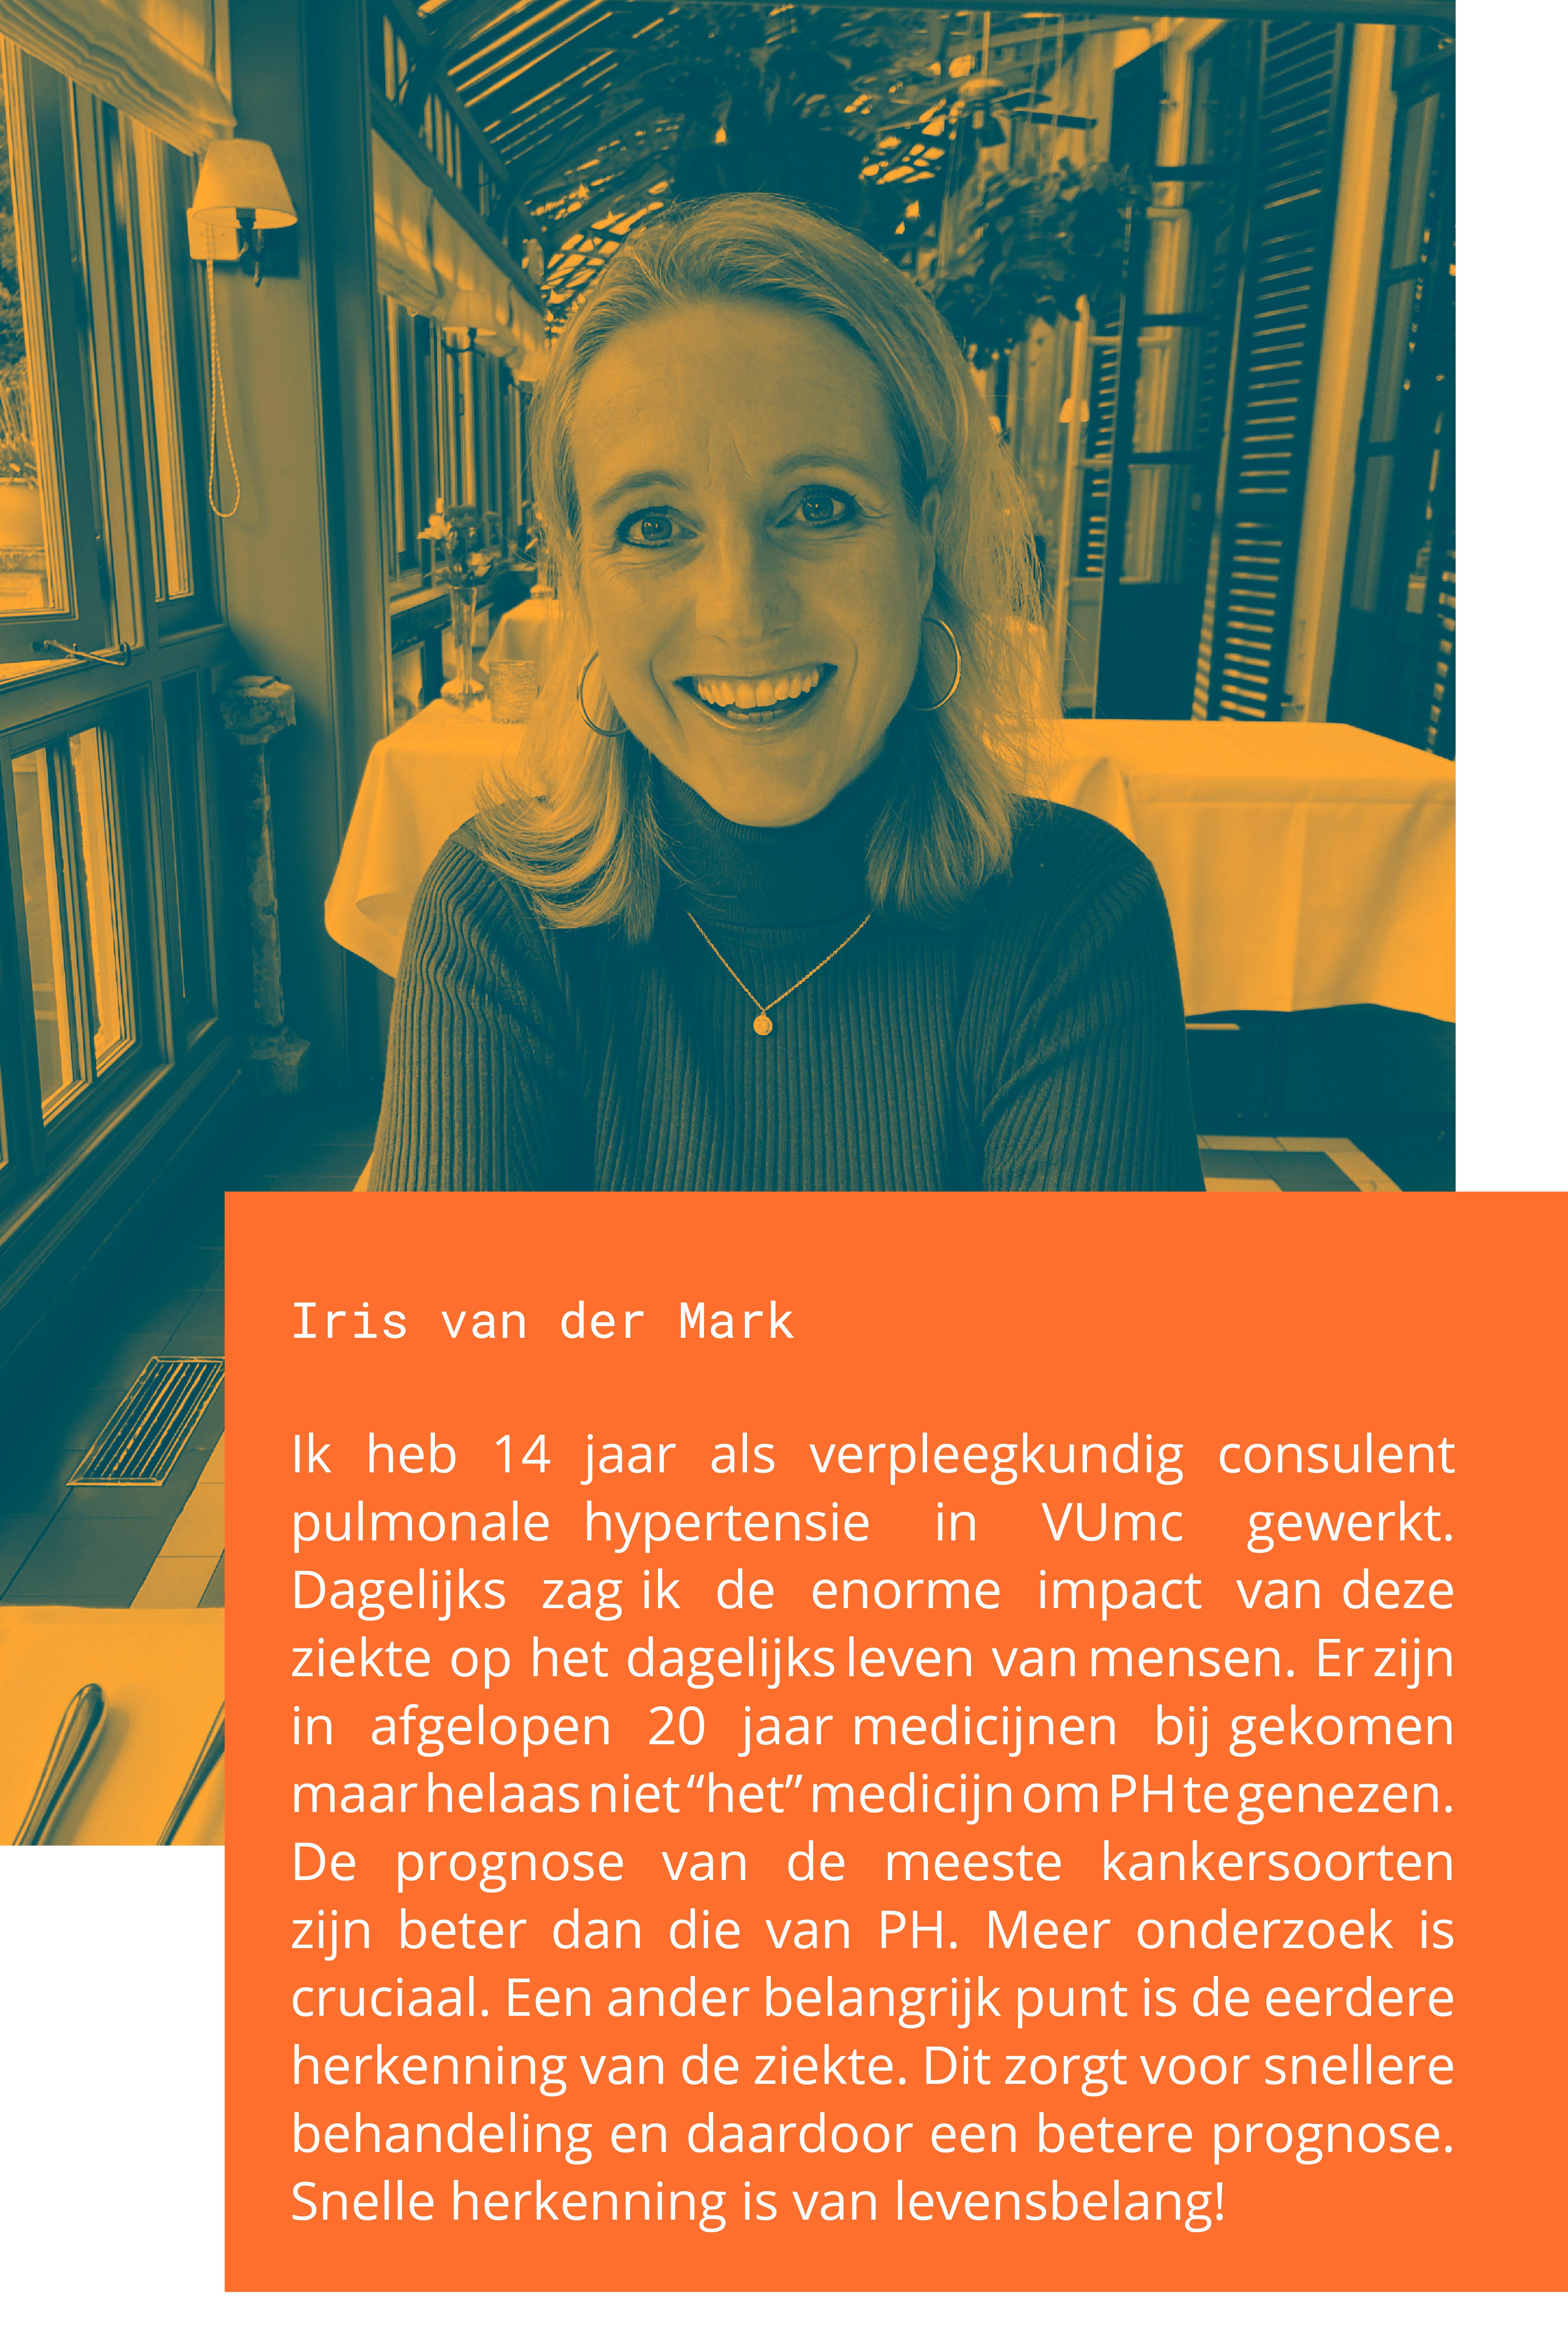 Adembenemend 2020 - Social - Iris van der Mark (1)